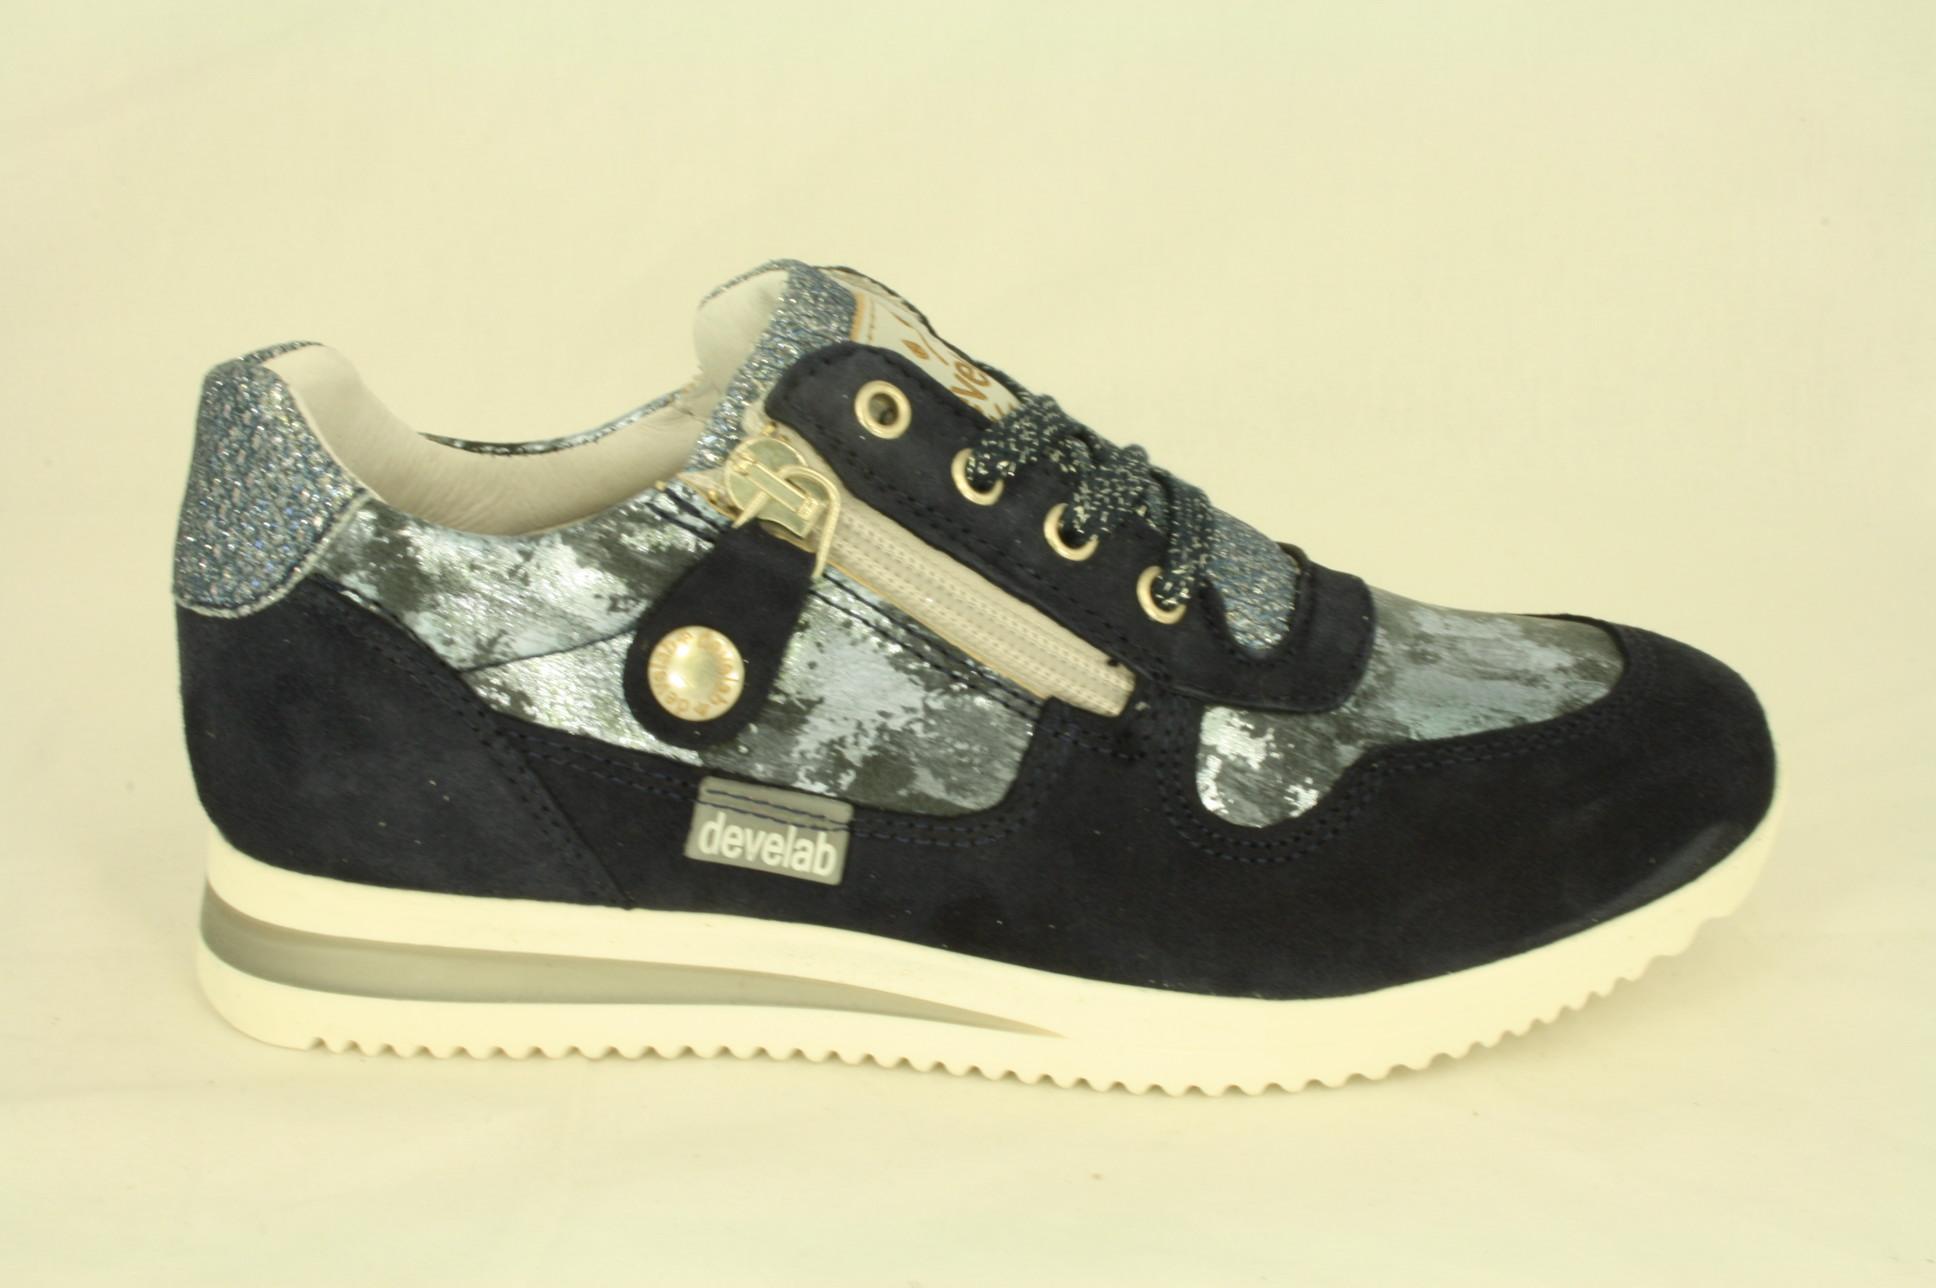 319ce7c6801 Dwars schoen- en sportmode - Develab: 41528, blauwe meisjes sneaker ...